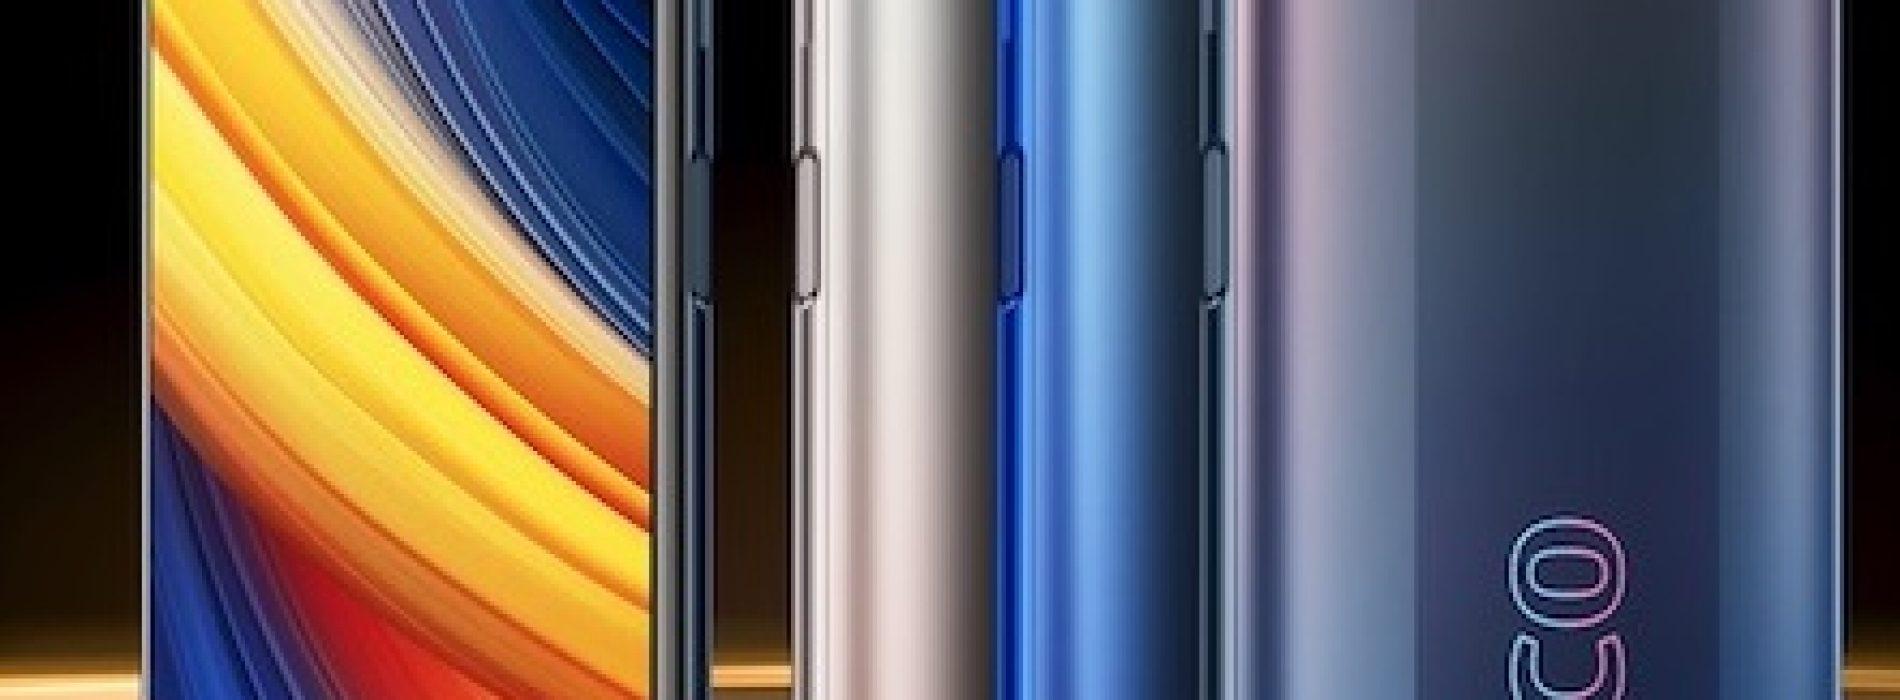 Nuevos móviles con procesadores de primera categoría, pantalla y sonido de calidad